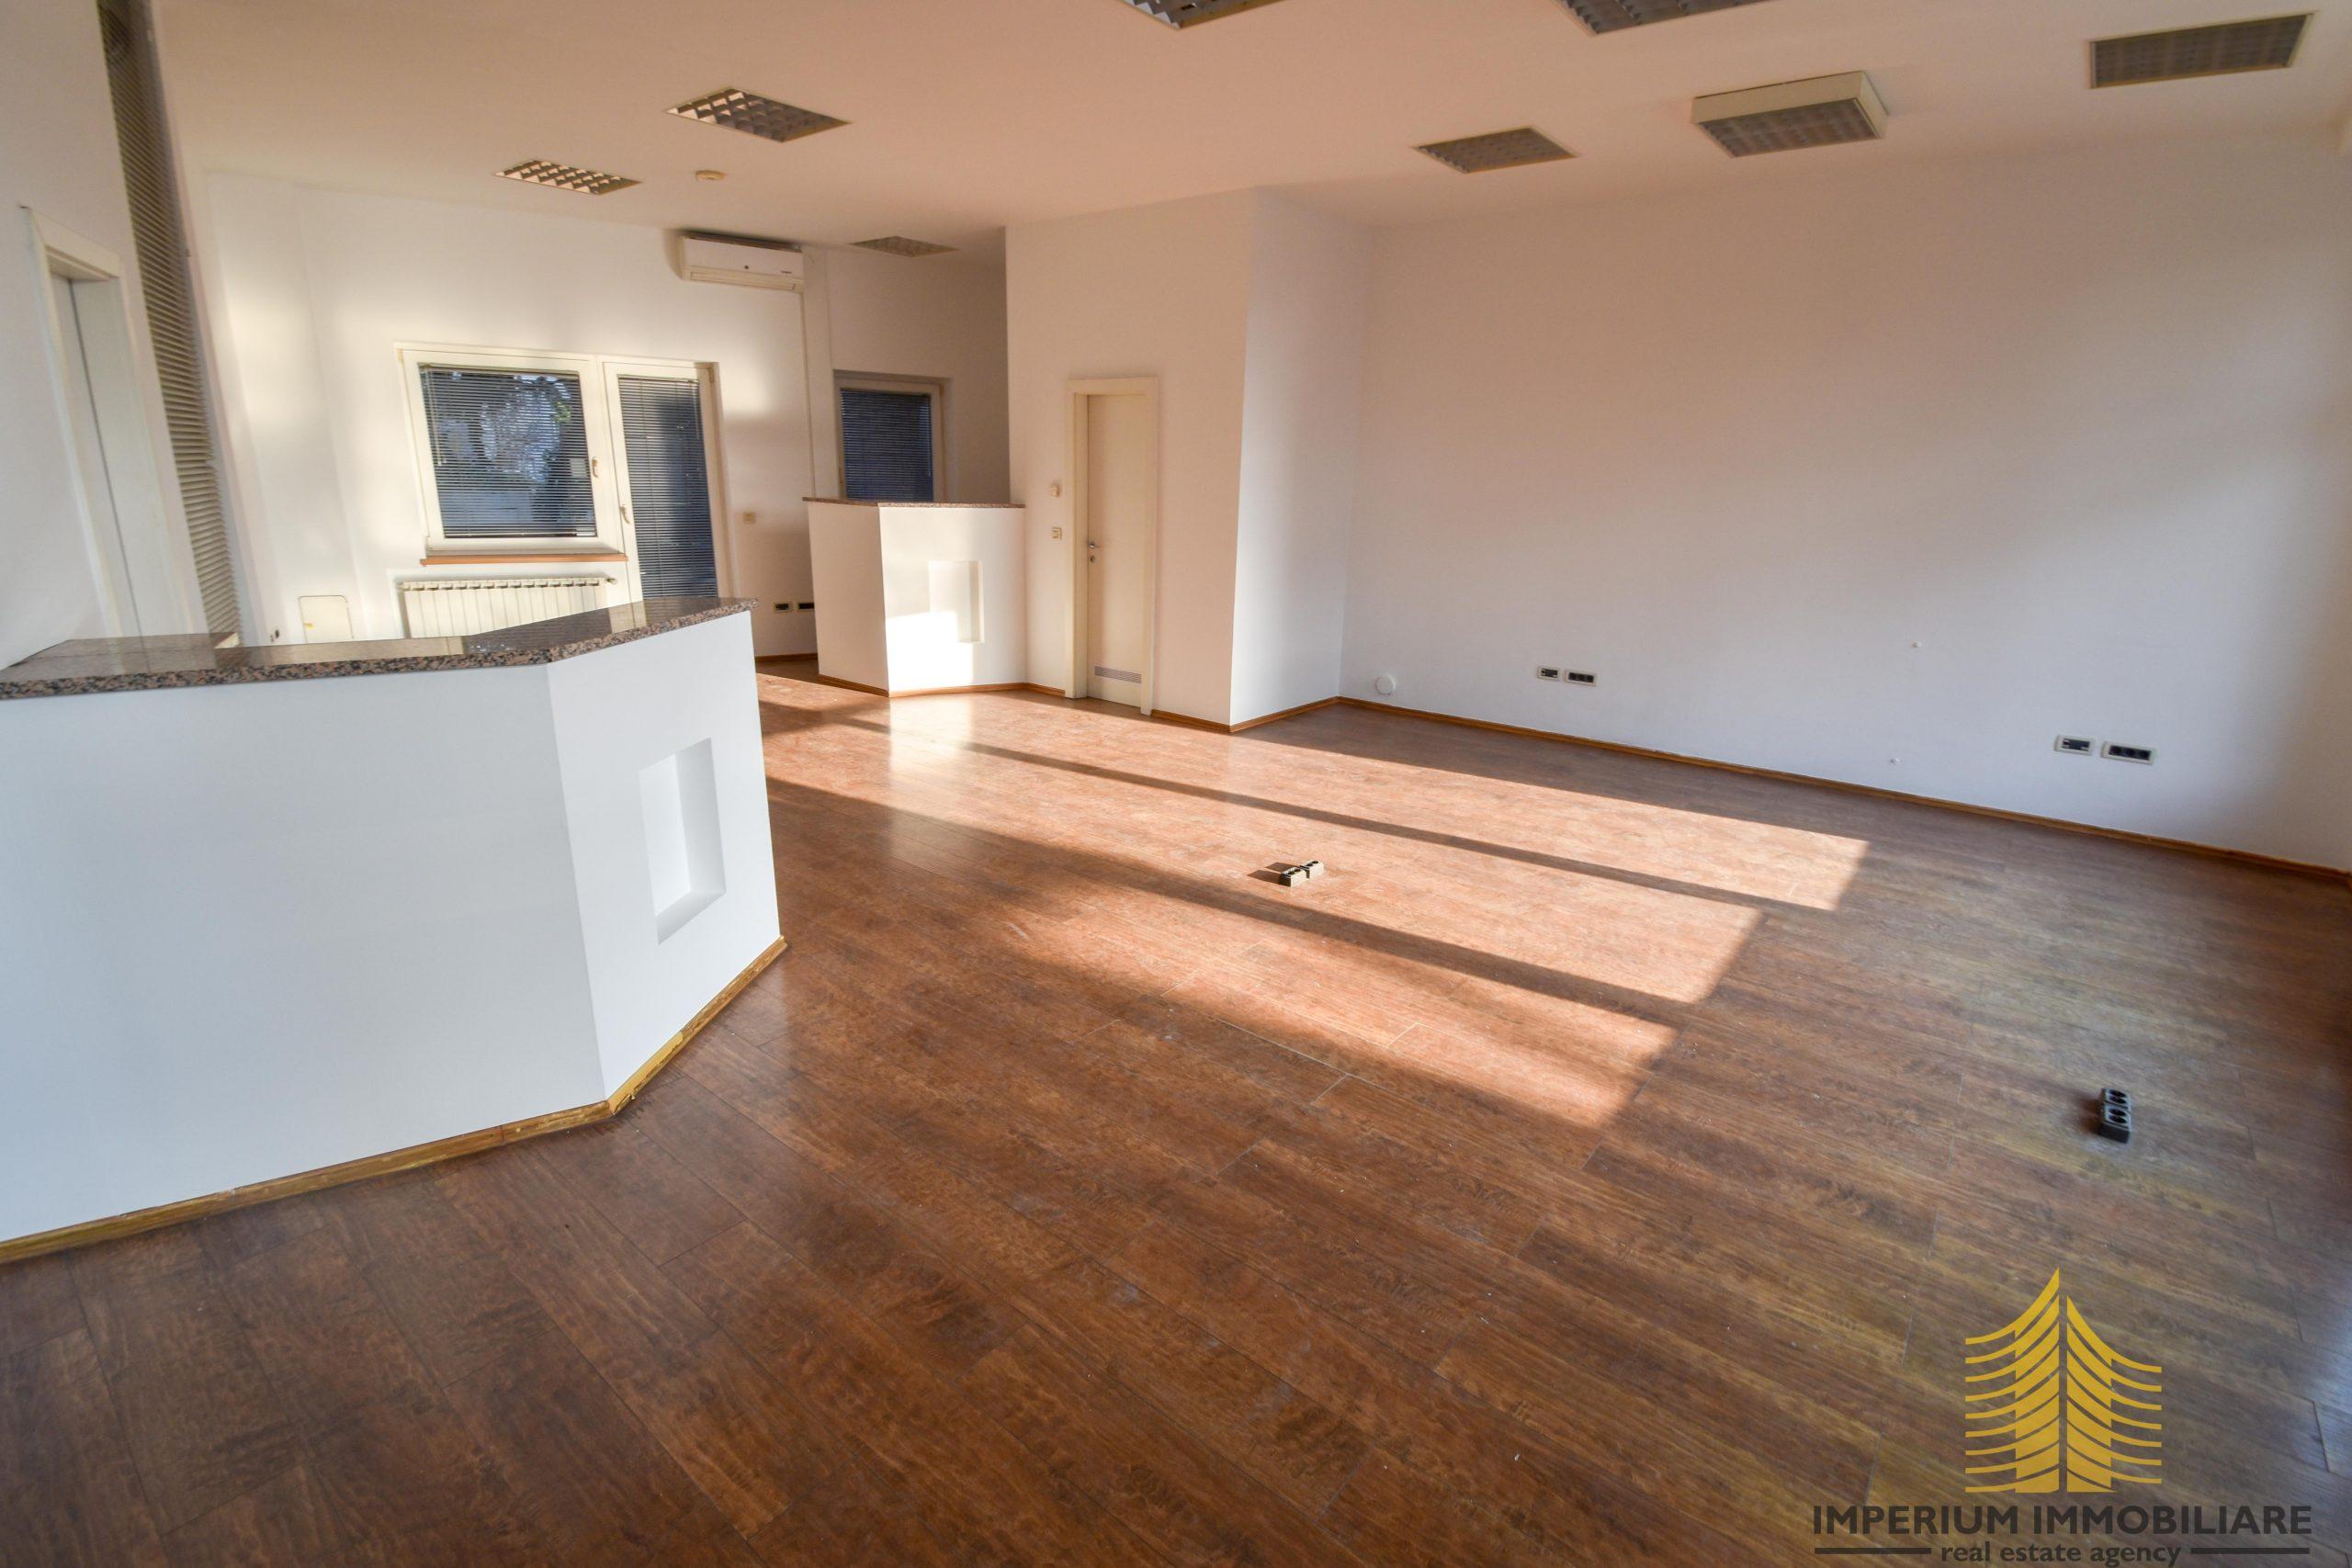 Poslovni prostor: Zagreb (Voćarsko naselje), uredski, 71 m2 (iznajmljivanje)